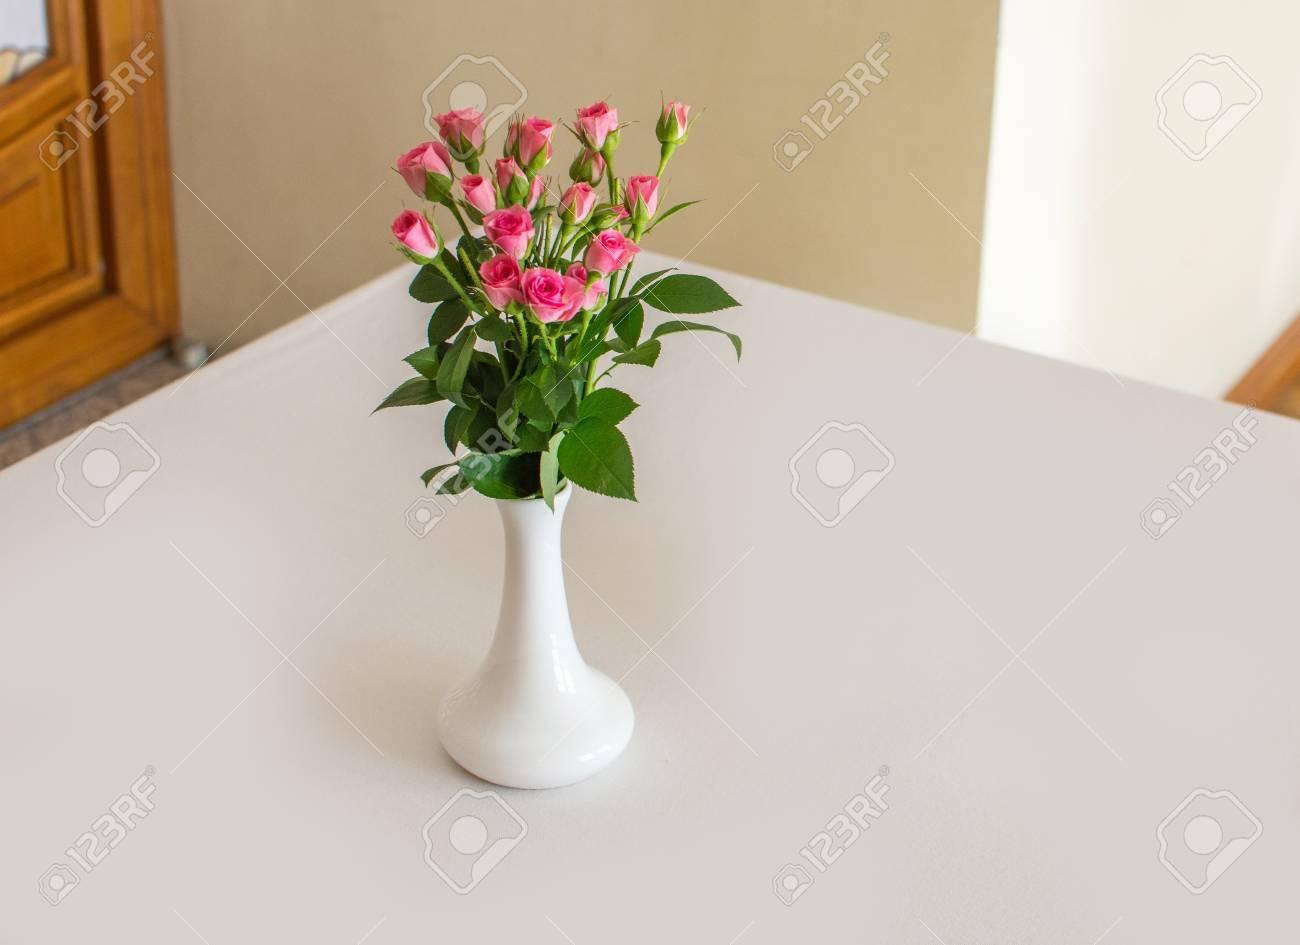 Rose placée dans un vase blanc sur le bureau banque d images et